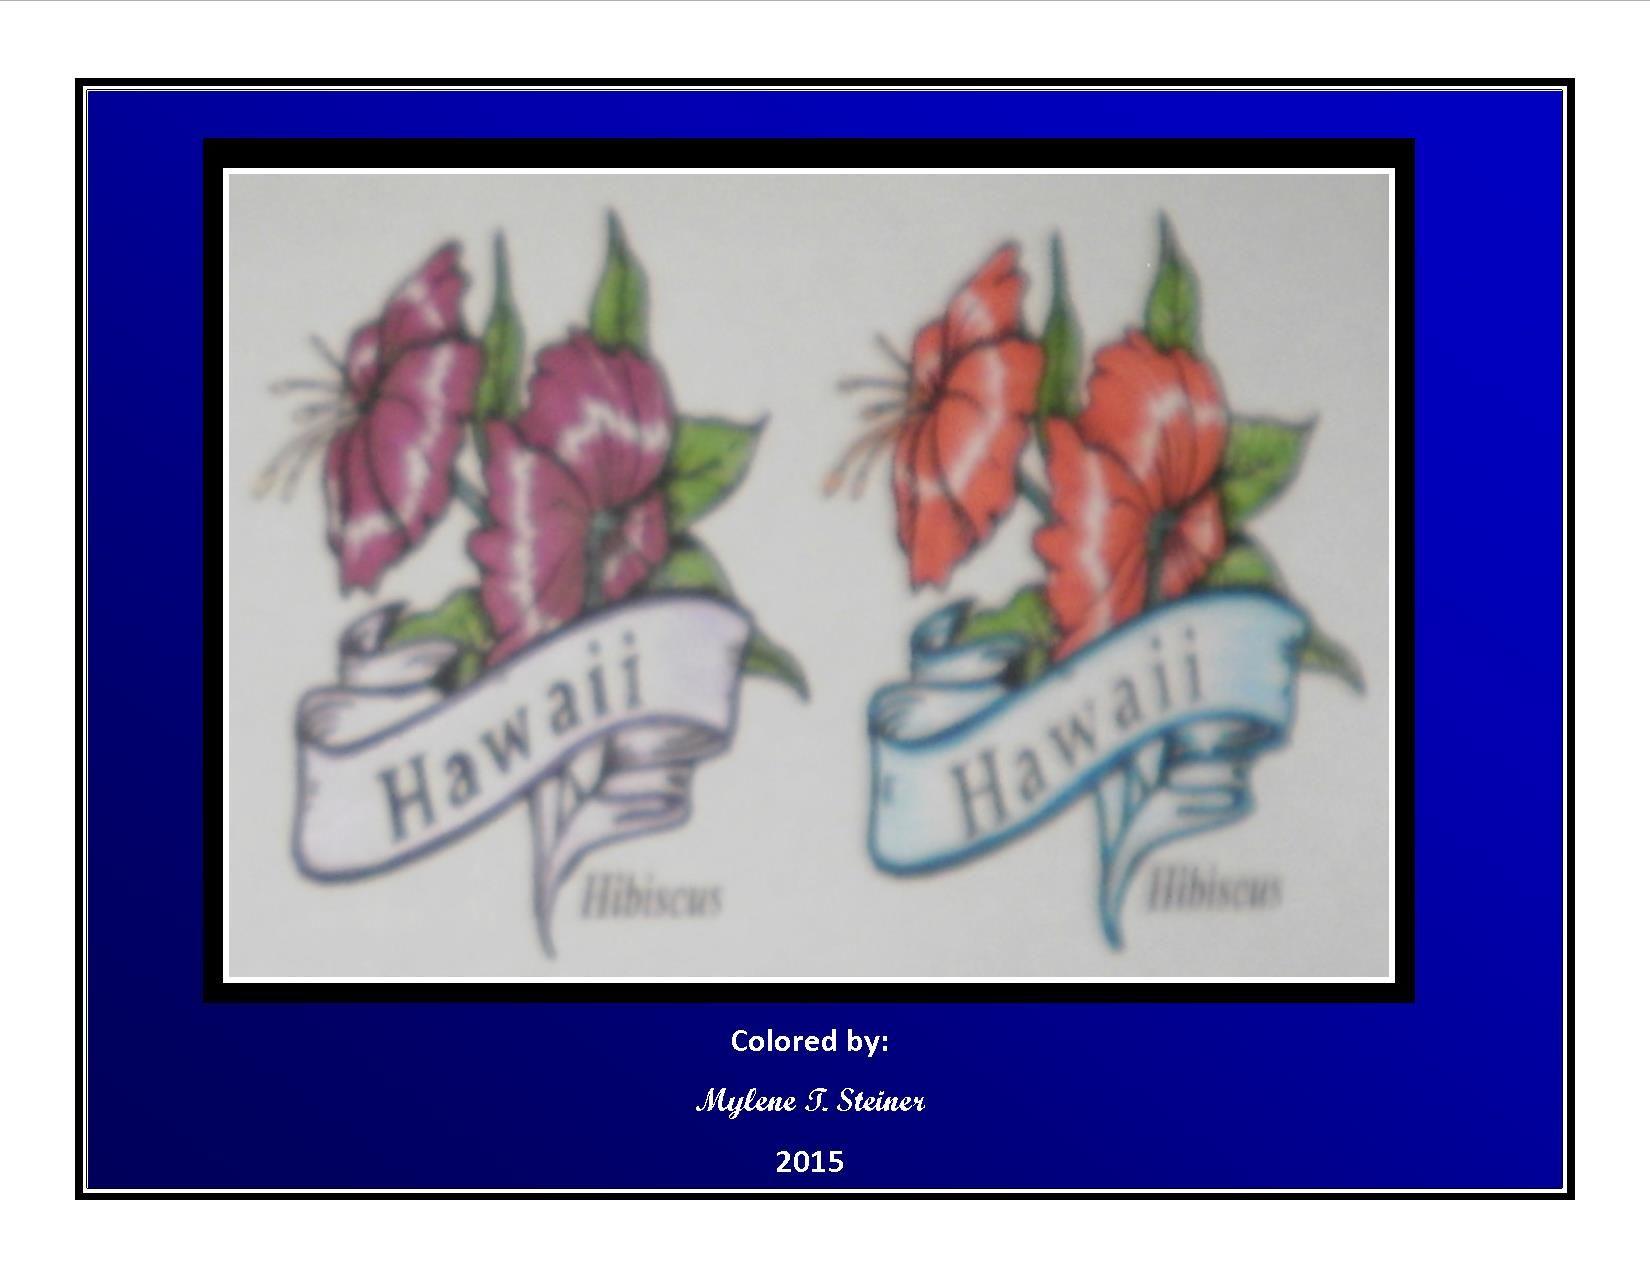 Fantastisch Malvorlagen Von Hawaii Blumen Ideen - Malvorlagen Ideen ...